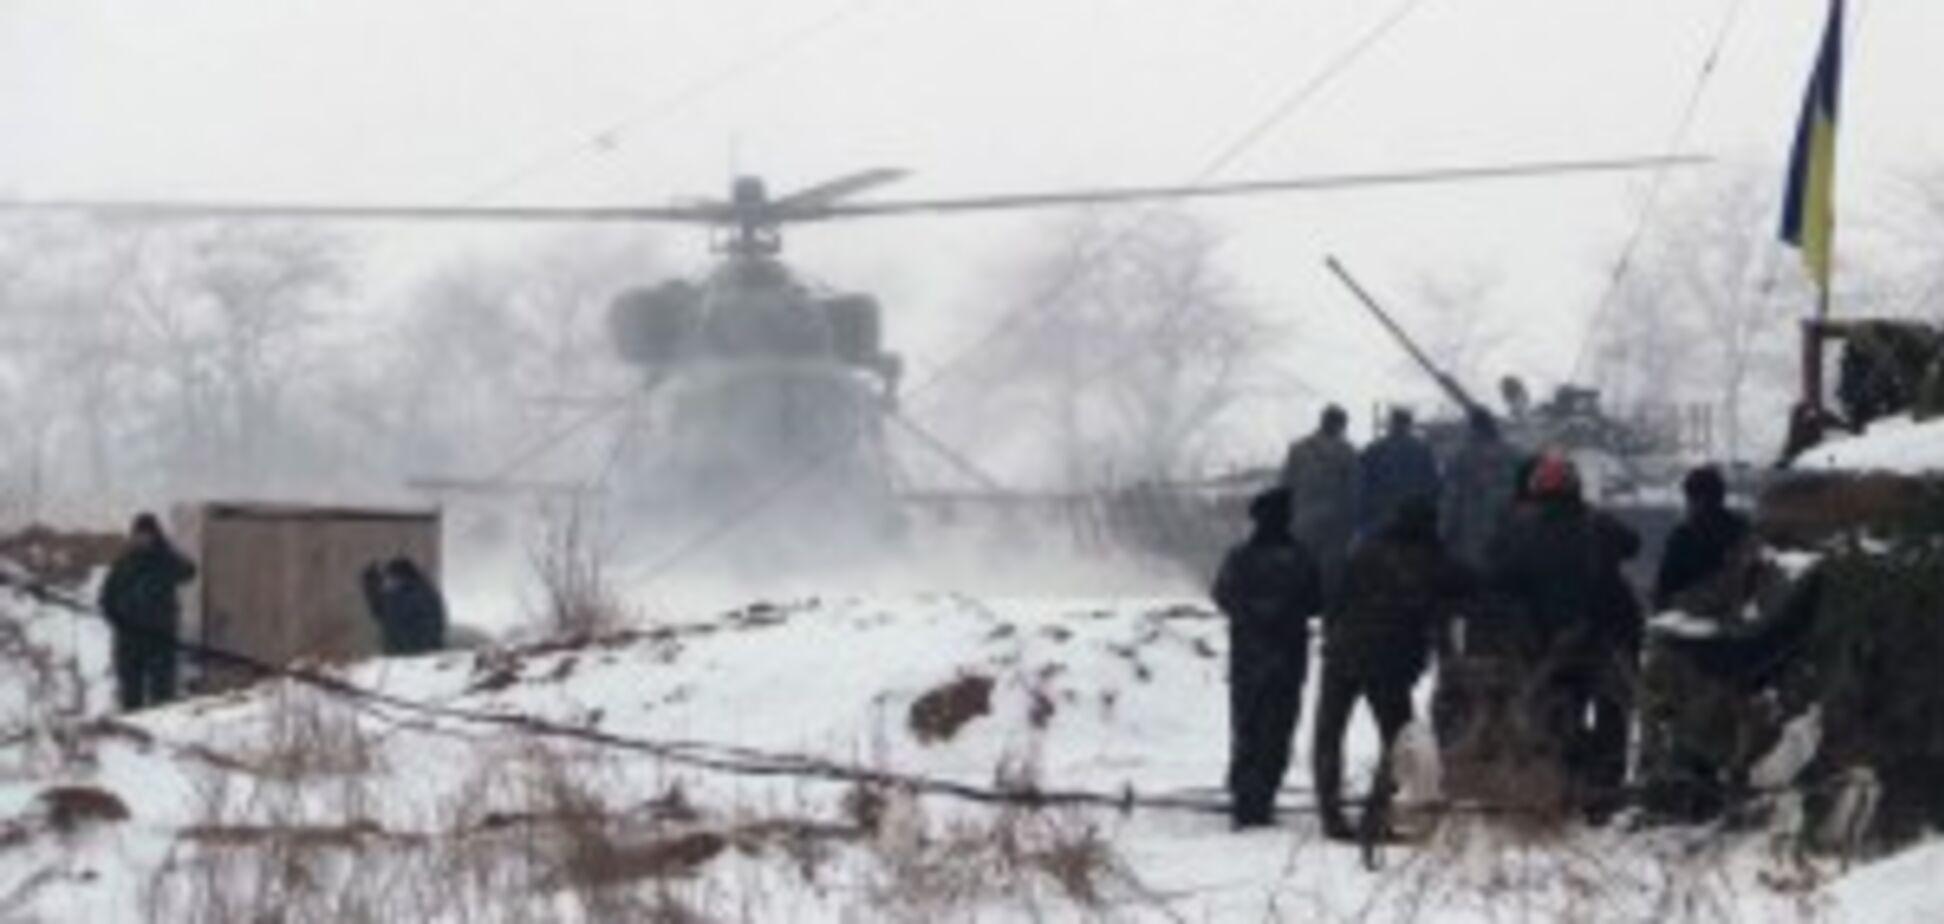 Враг прикрылся псевдонимом 'русский', убив собственную память